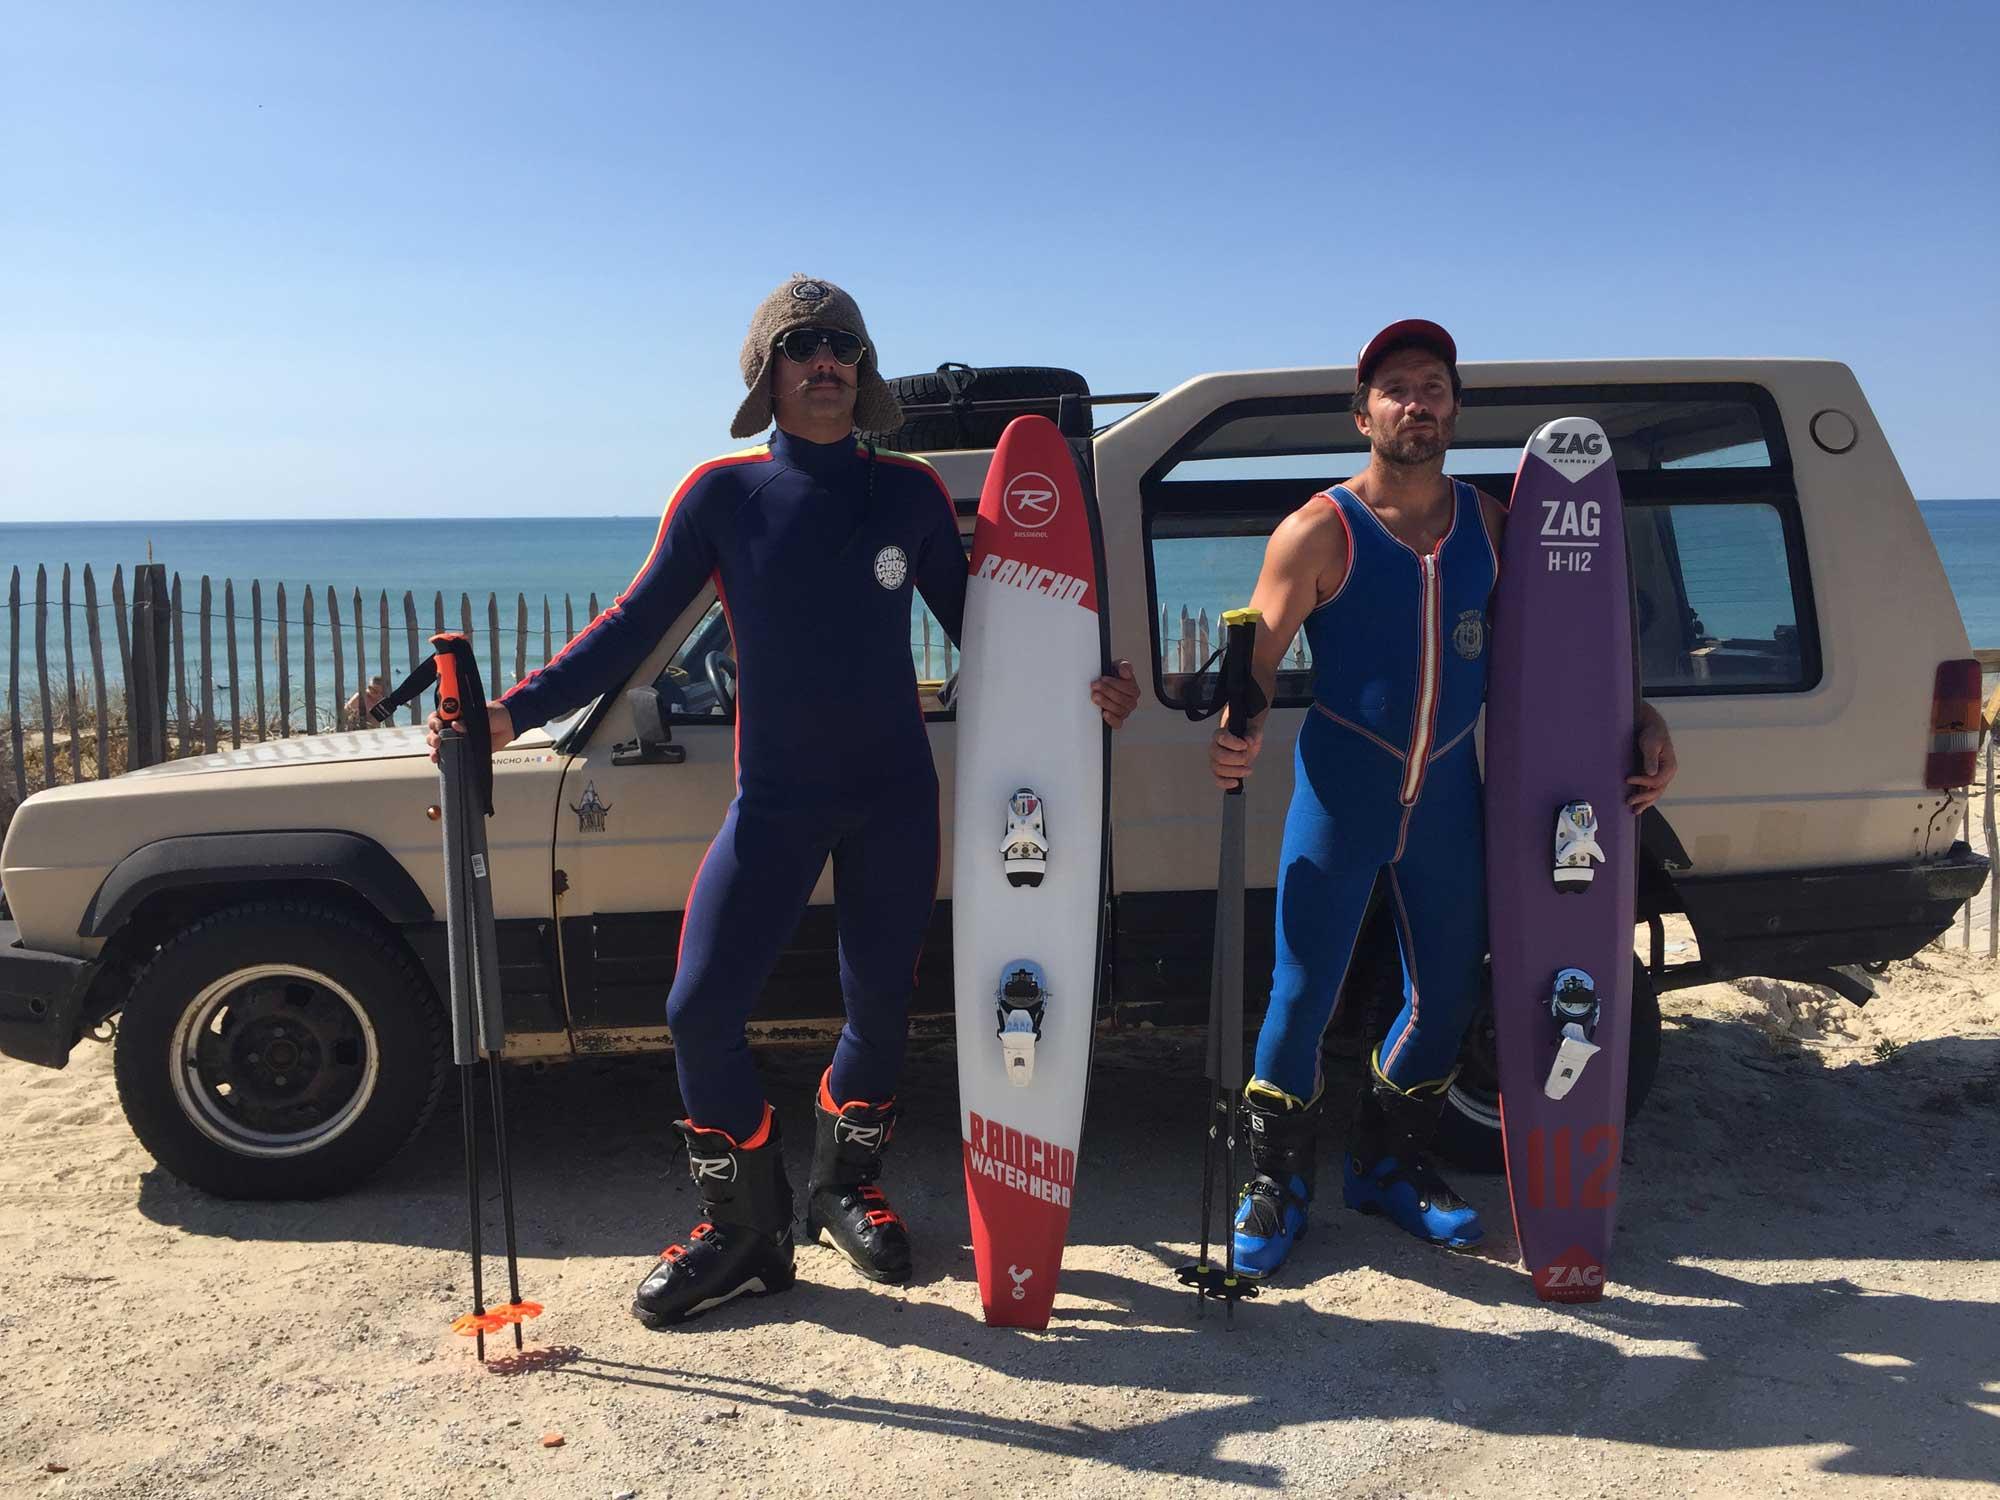 Rancho EP#12 - Ski surf